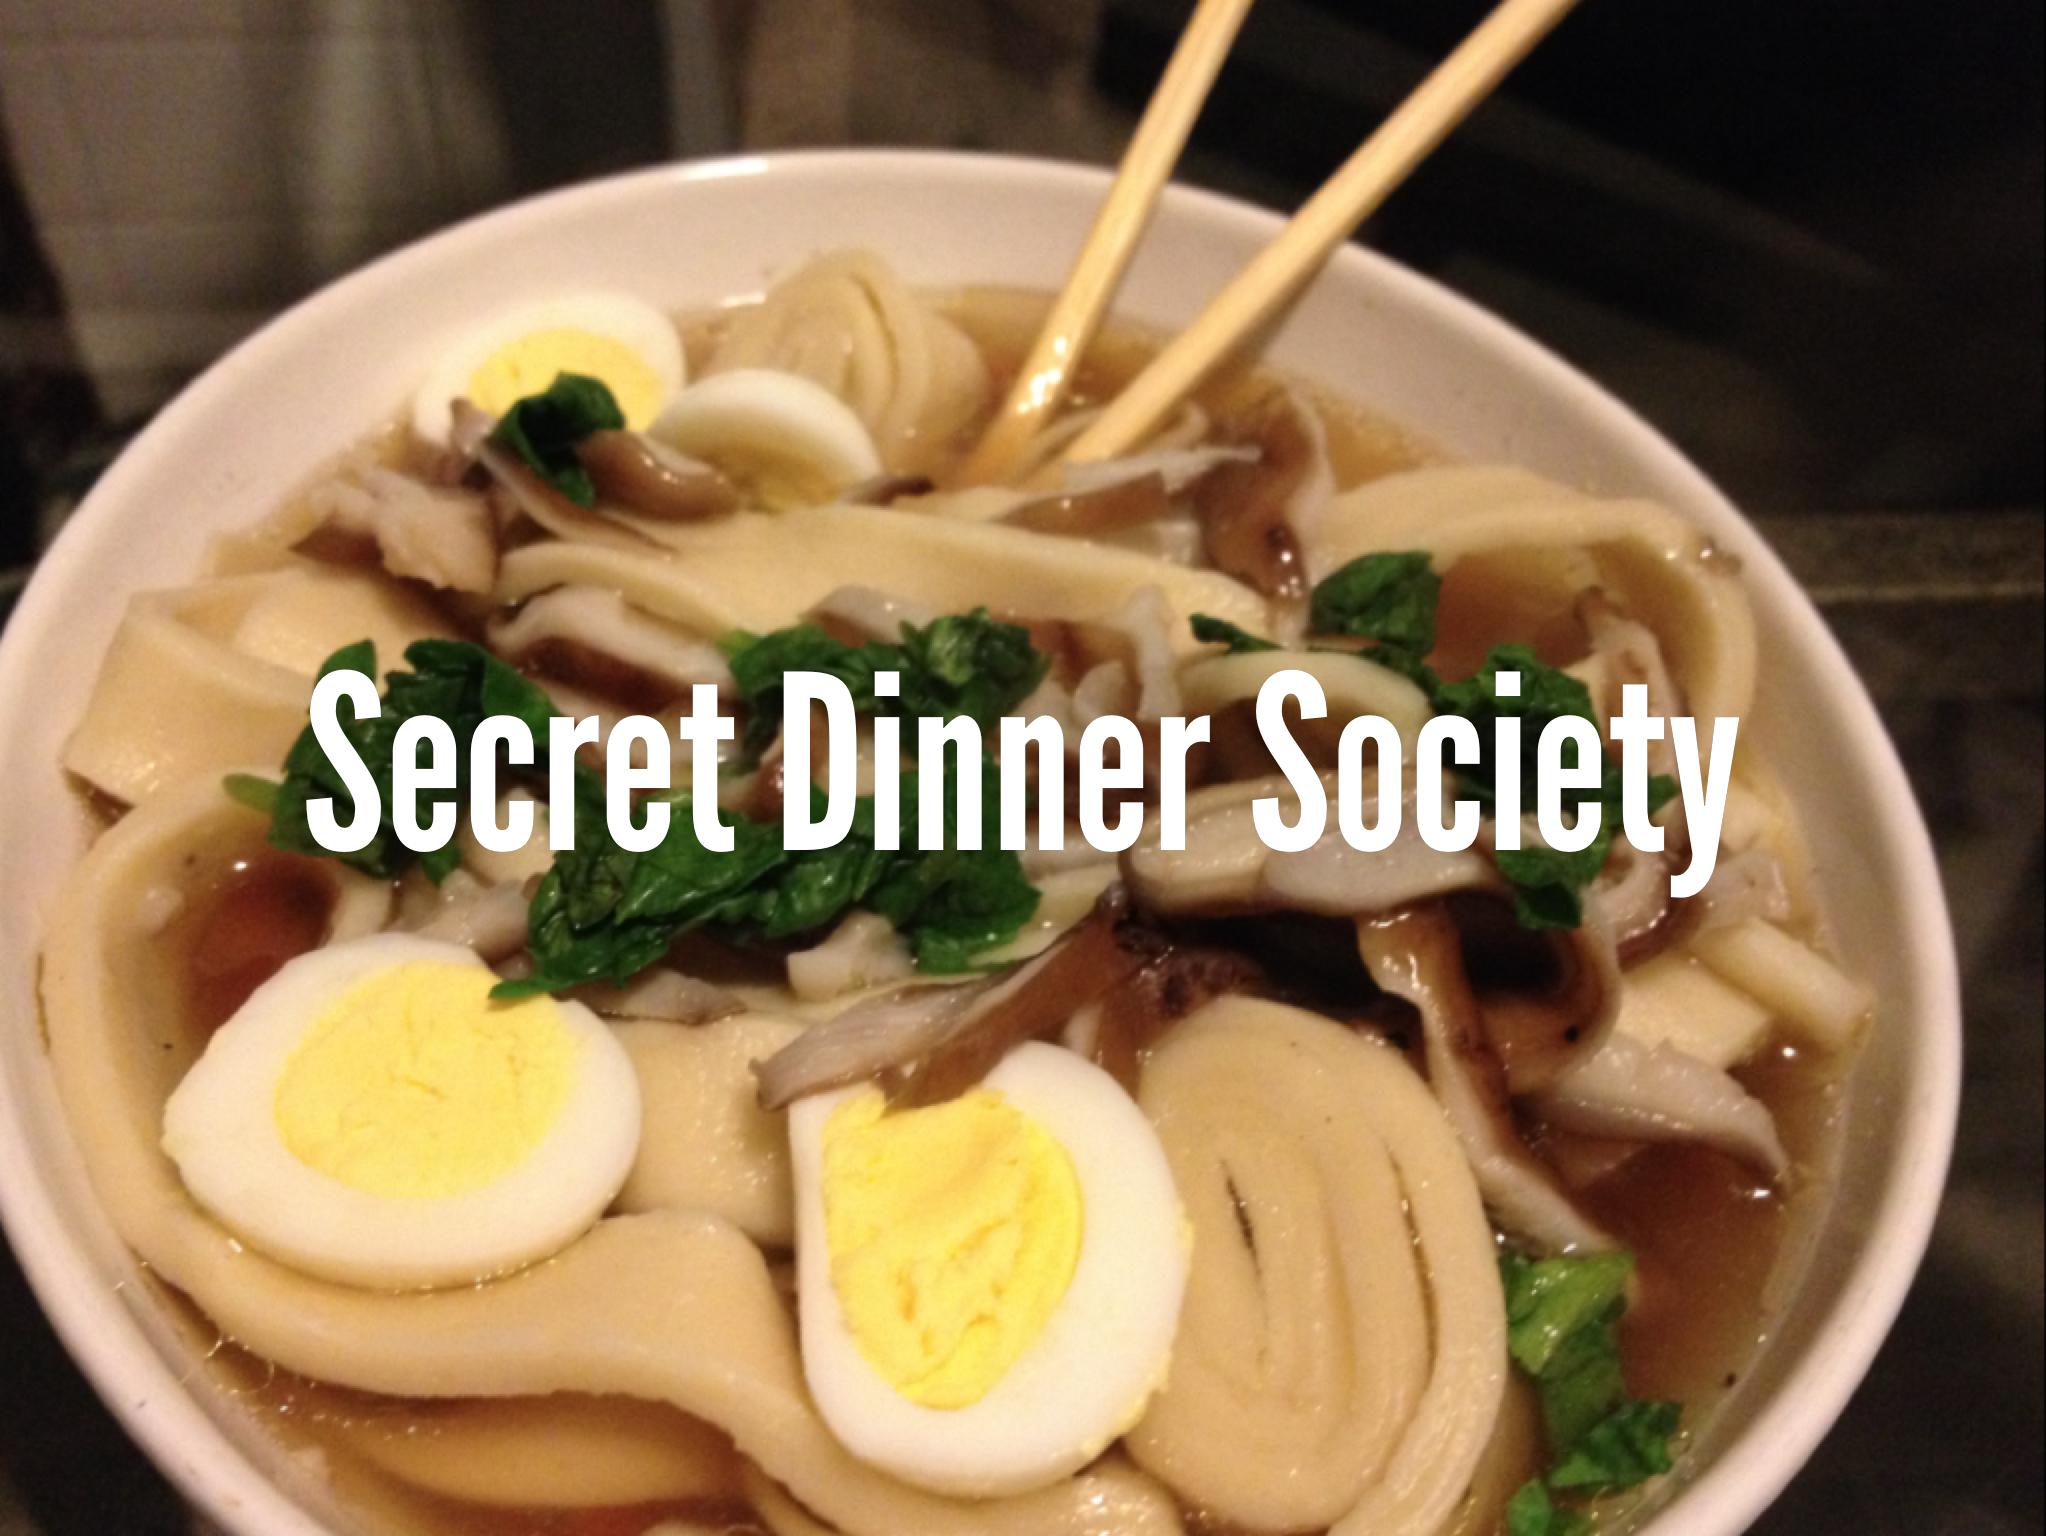 Secret Dinner Society